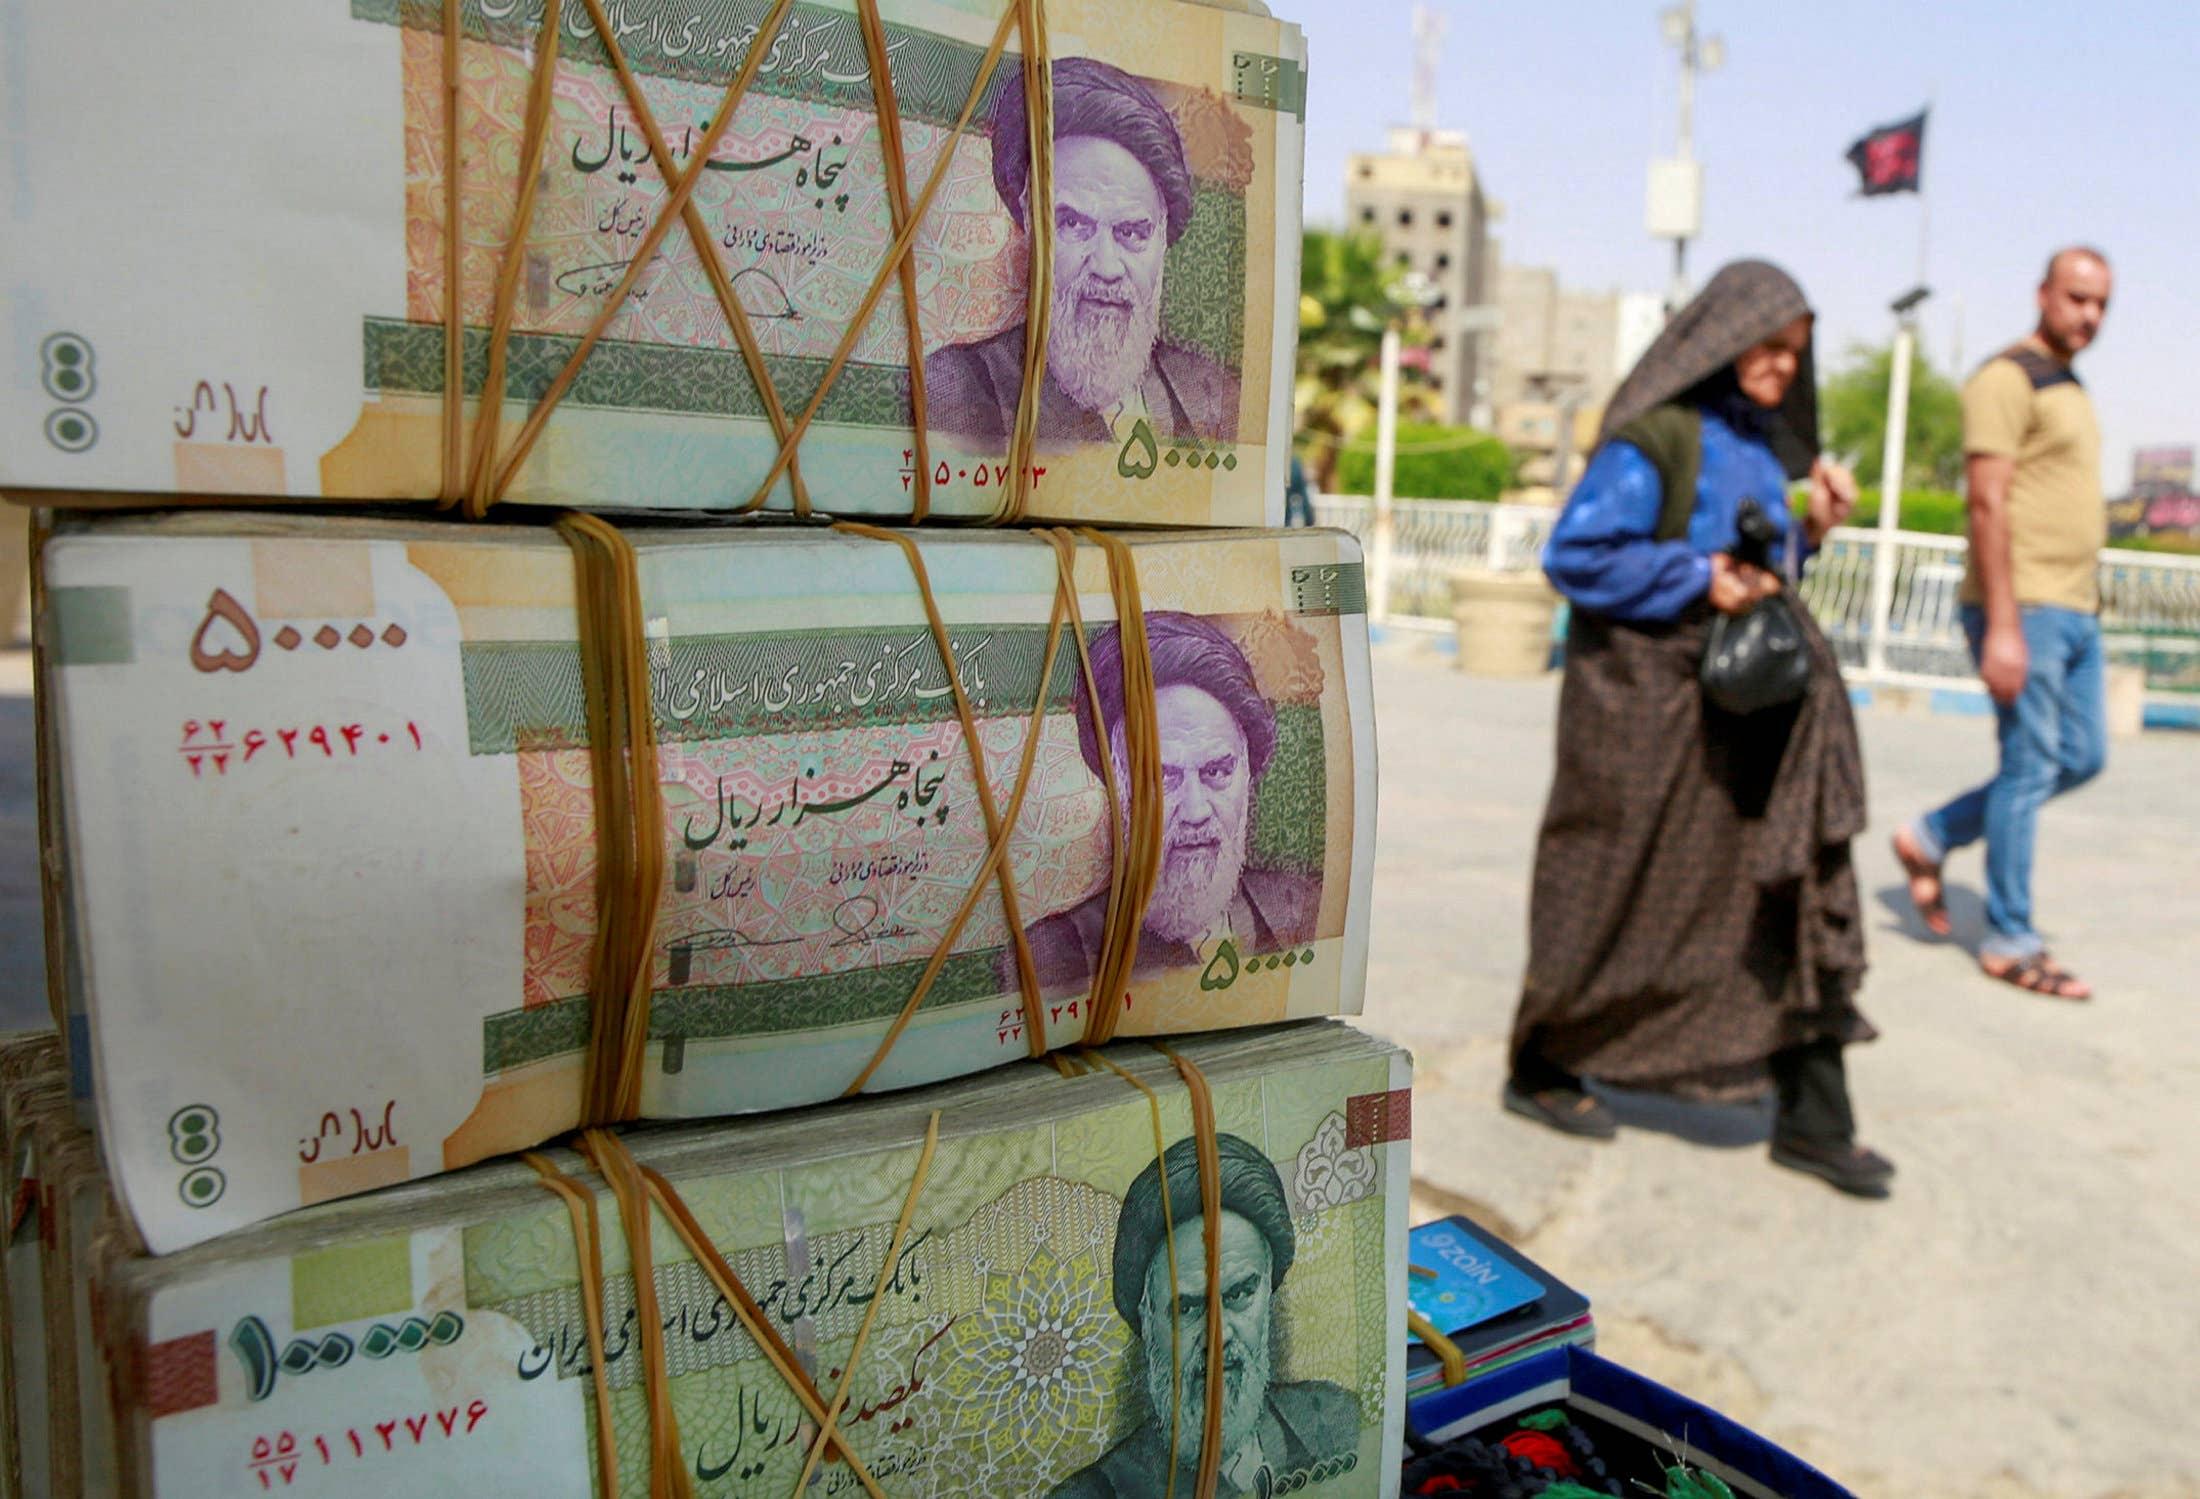 ایران تا سال ۲۰۲۶ میلادی، غرق در بدهی خواهد بود